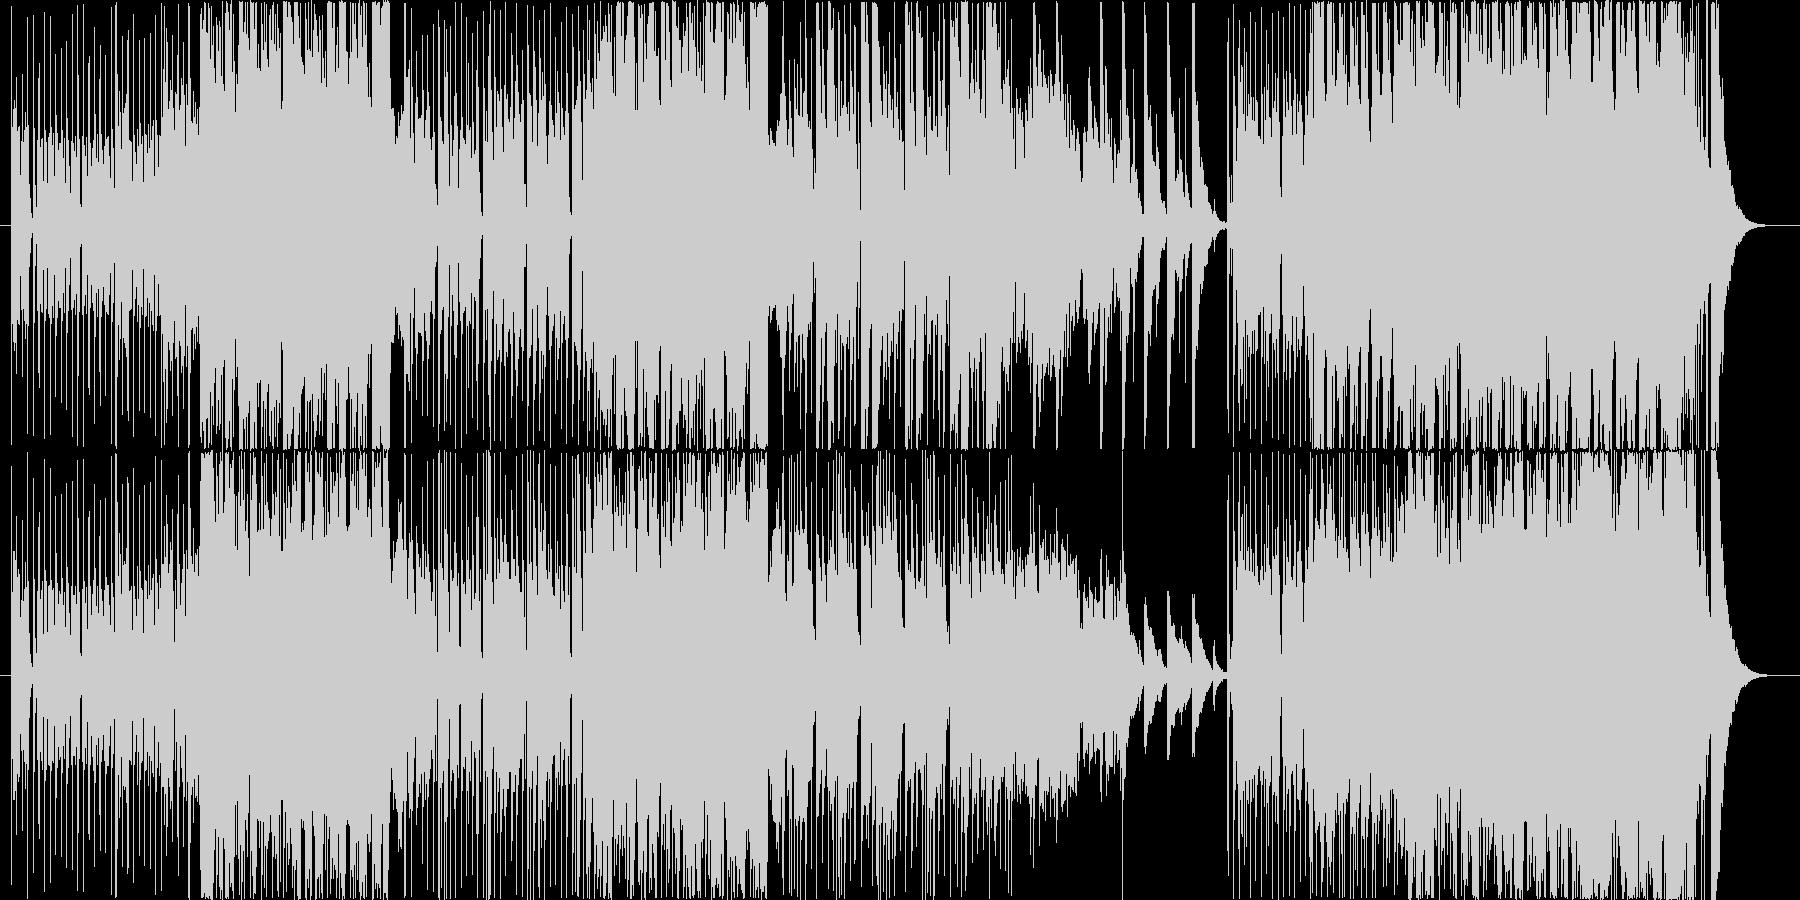 和楽器を使用したロックなサウンドトラックの未再生の波形